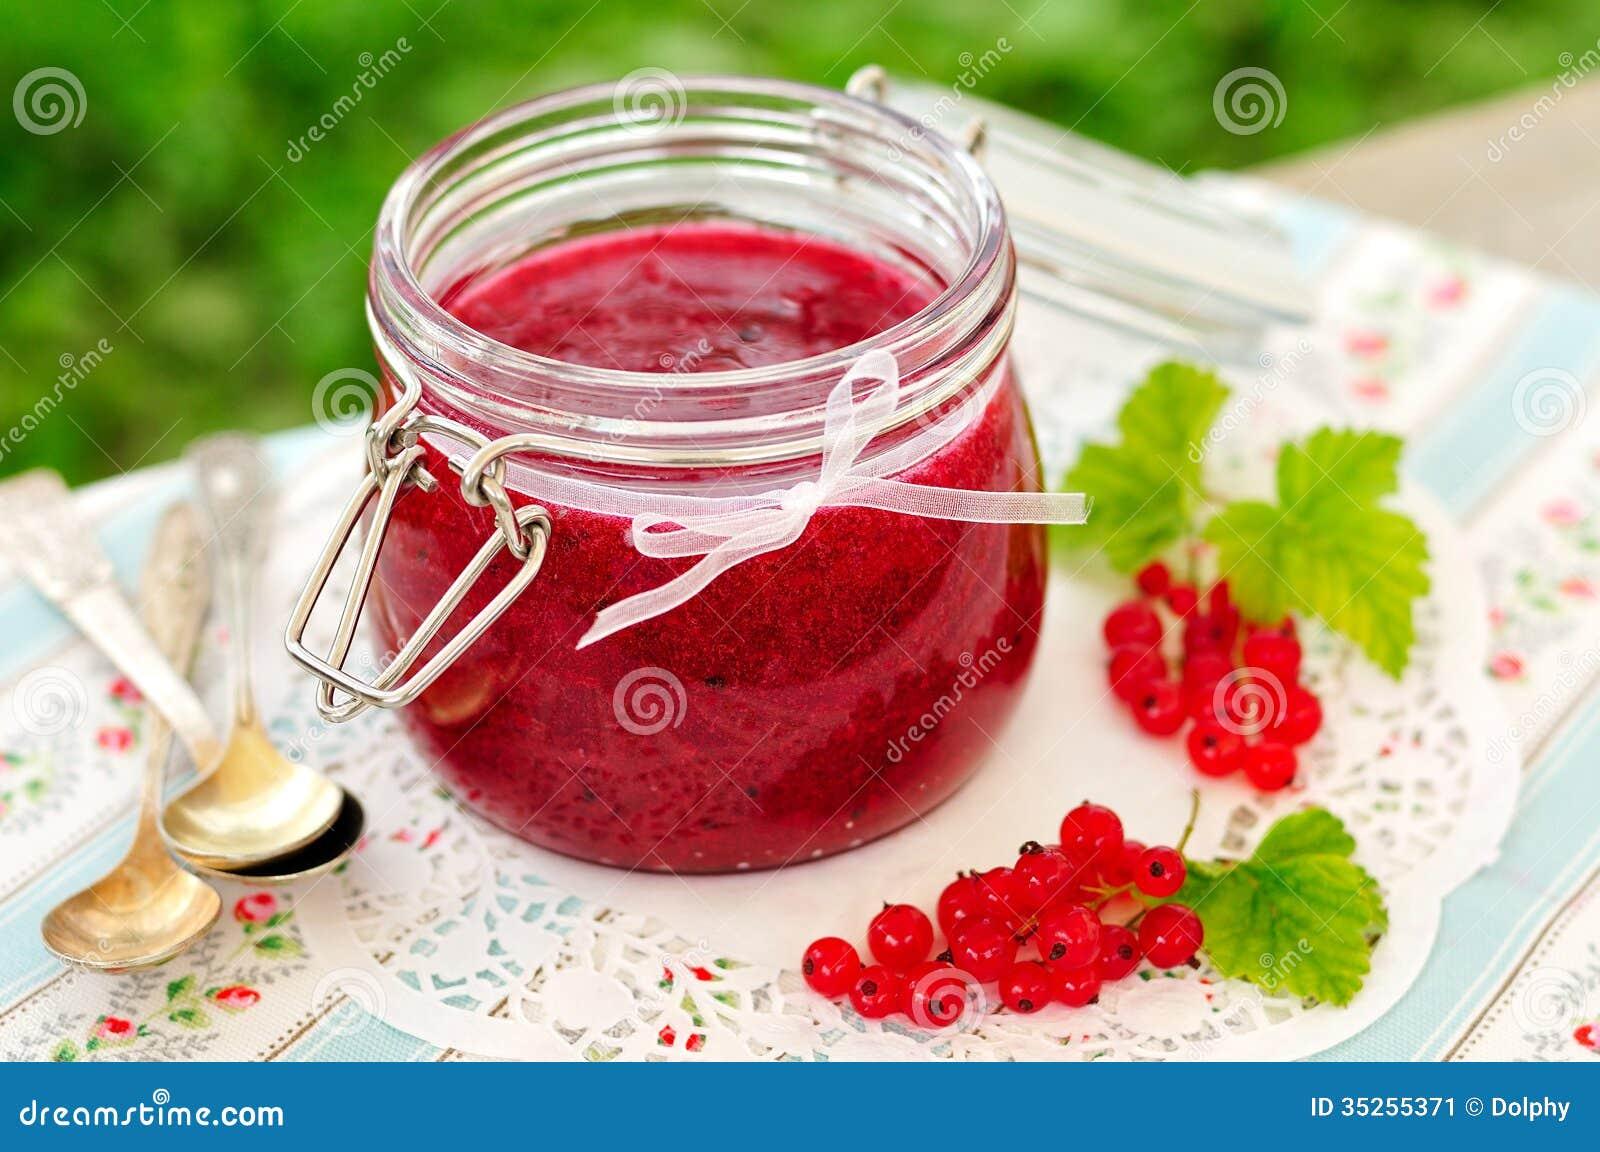 红浆果果酱